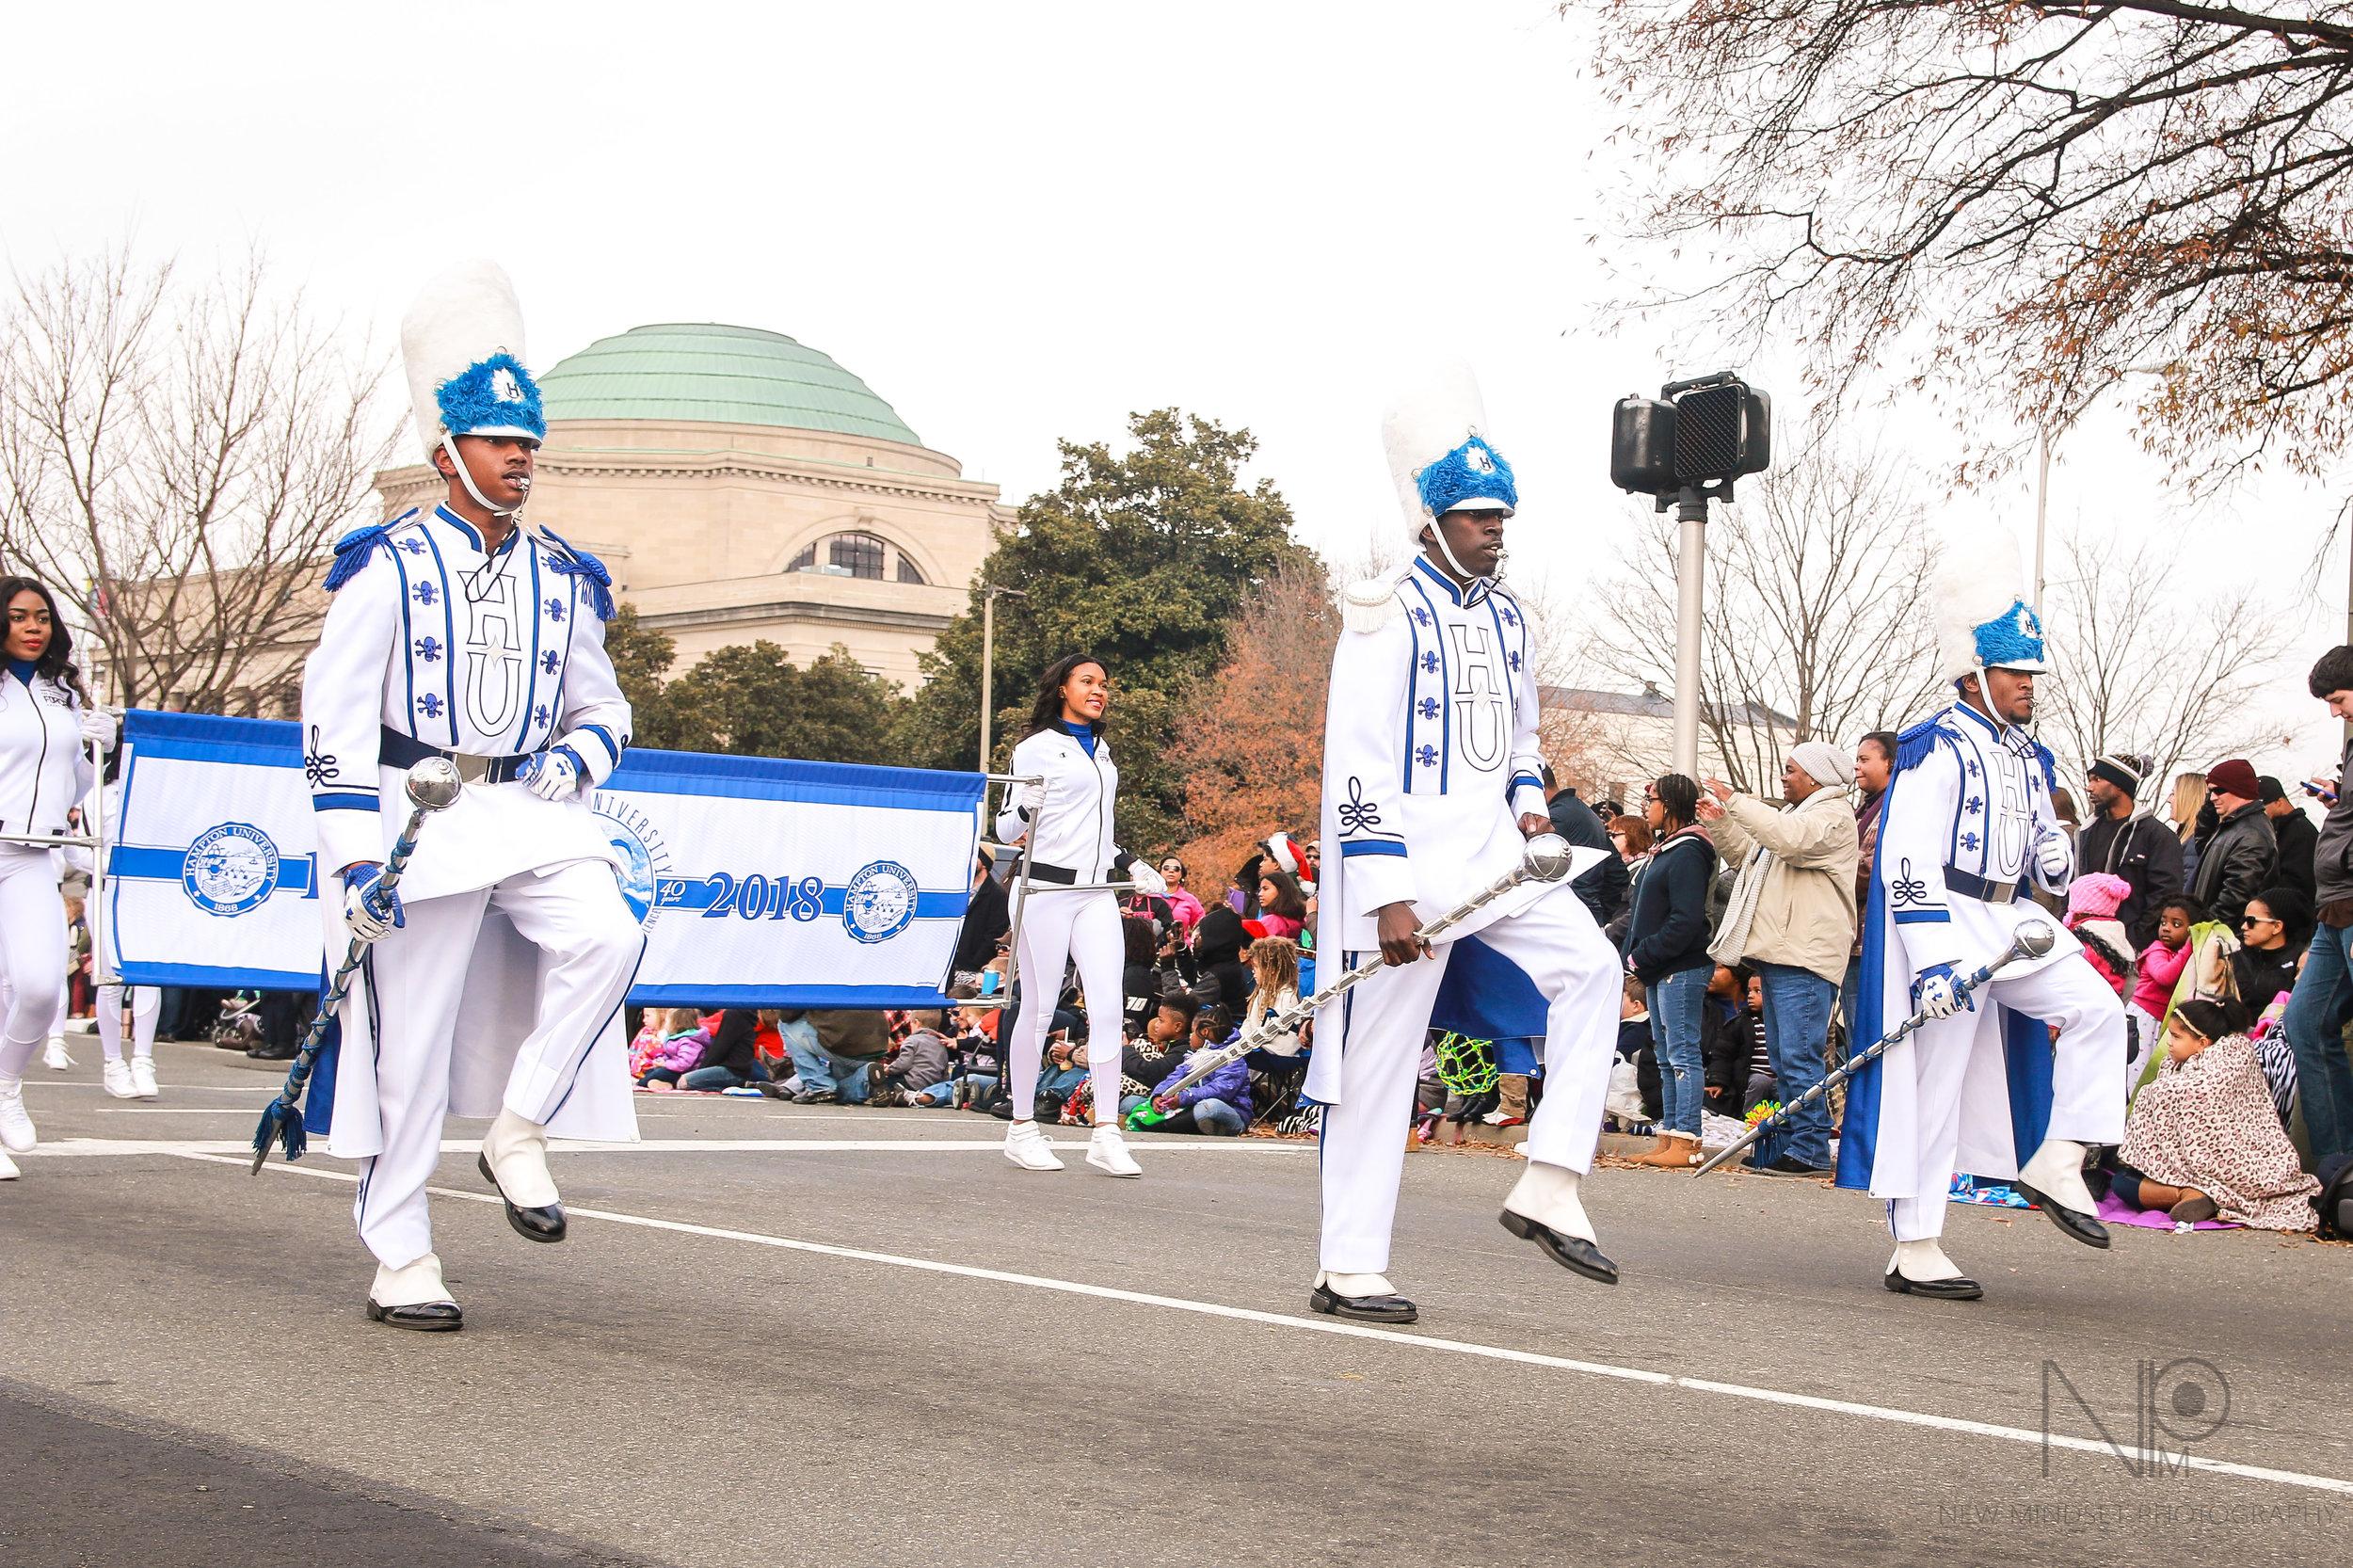 christparade17-55.jpg